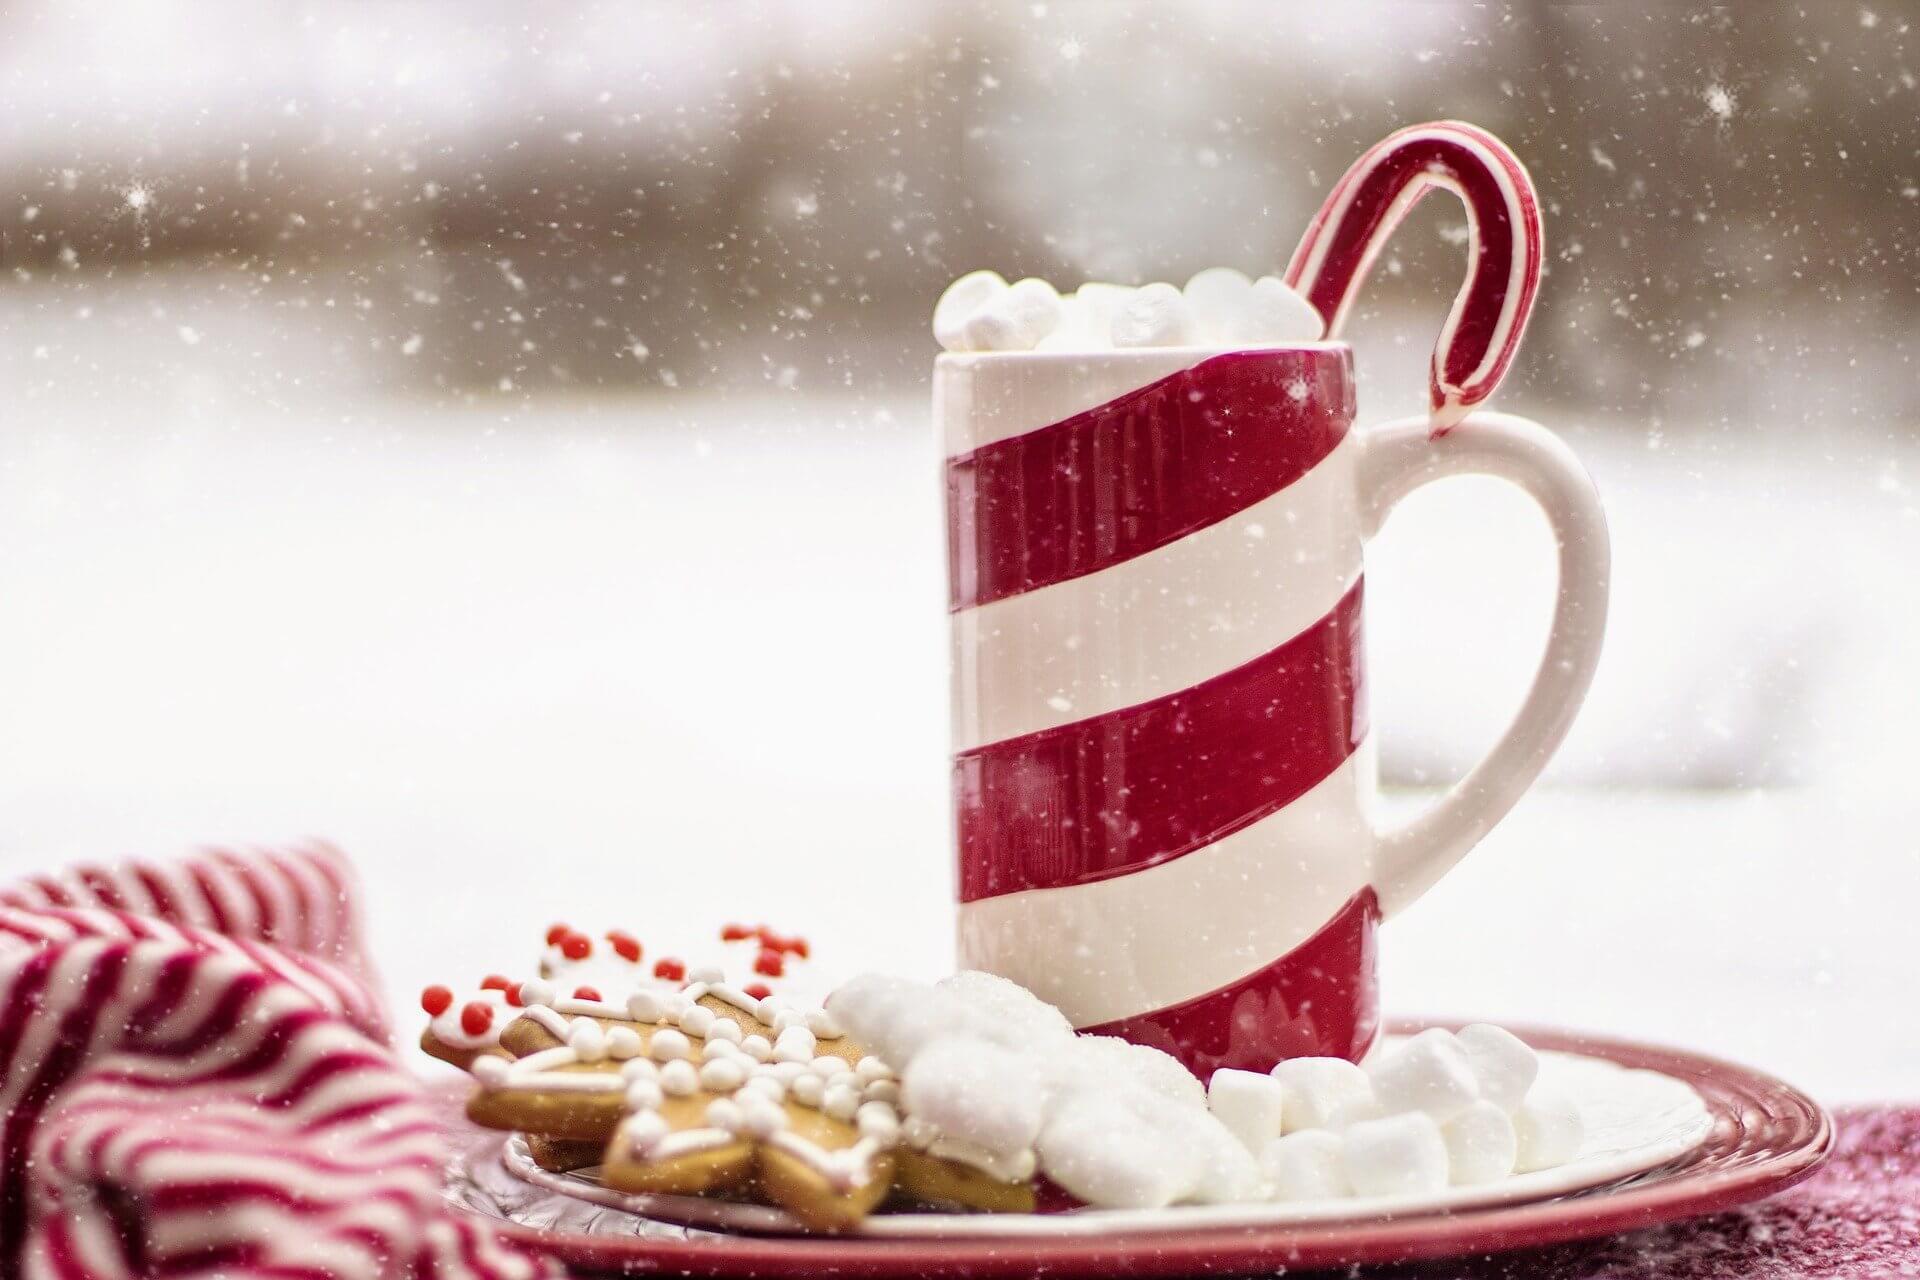 Texto de deseos de feliz Navidad y deseos cortos de Navidad